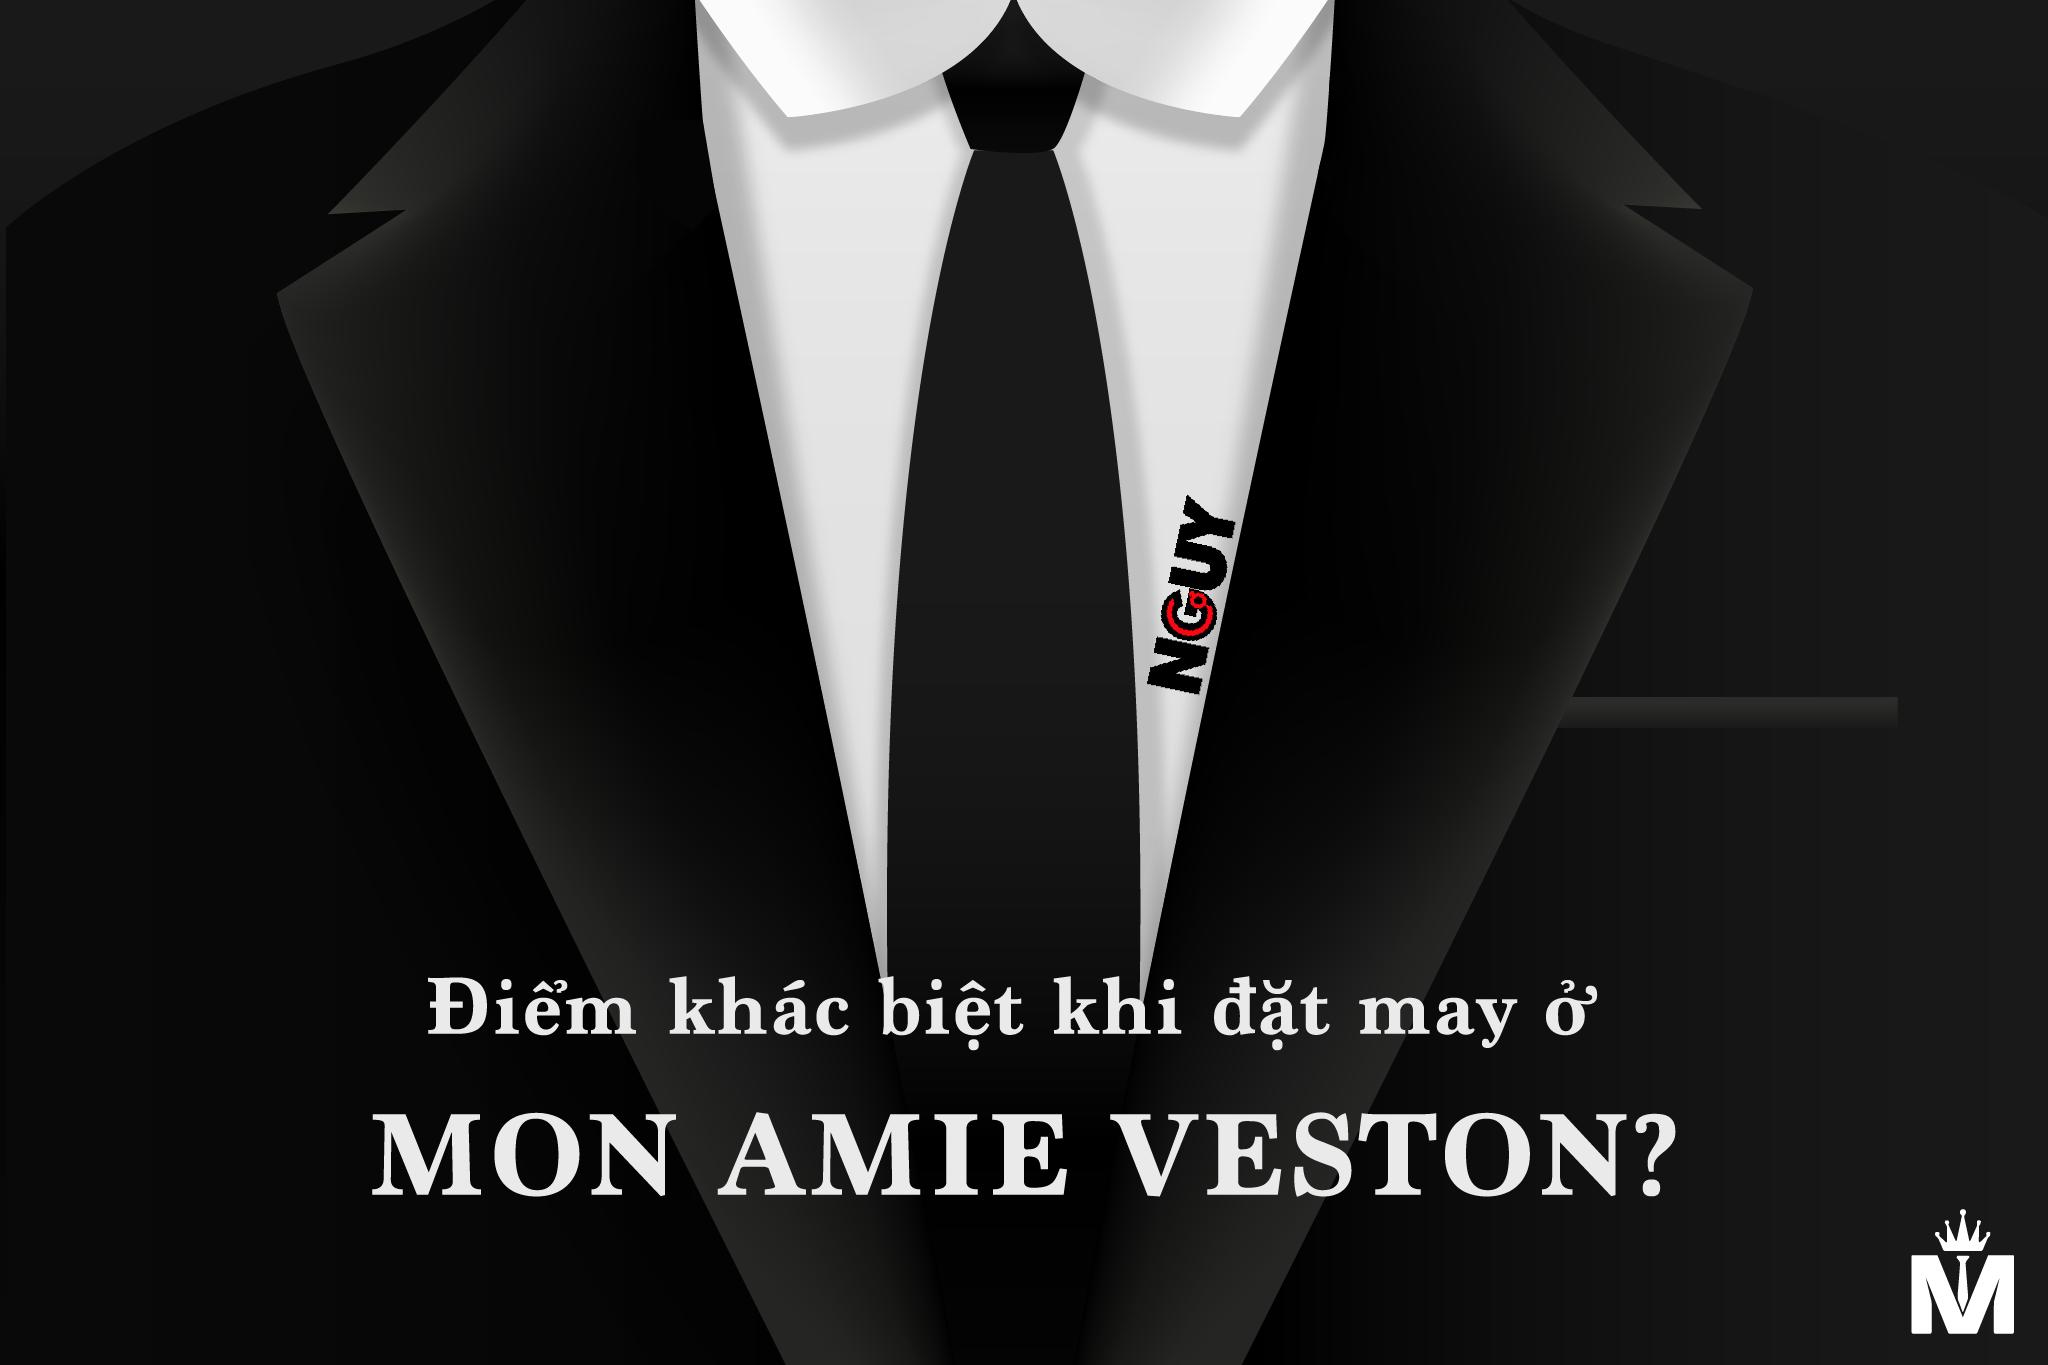 Điểm khác biệt khi đặt may ở Mon Amie Veston?